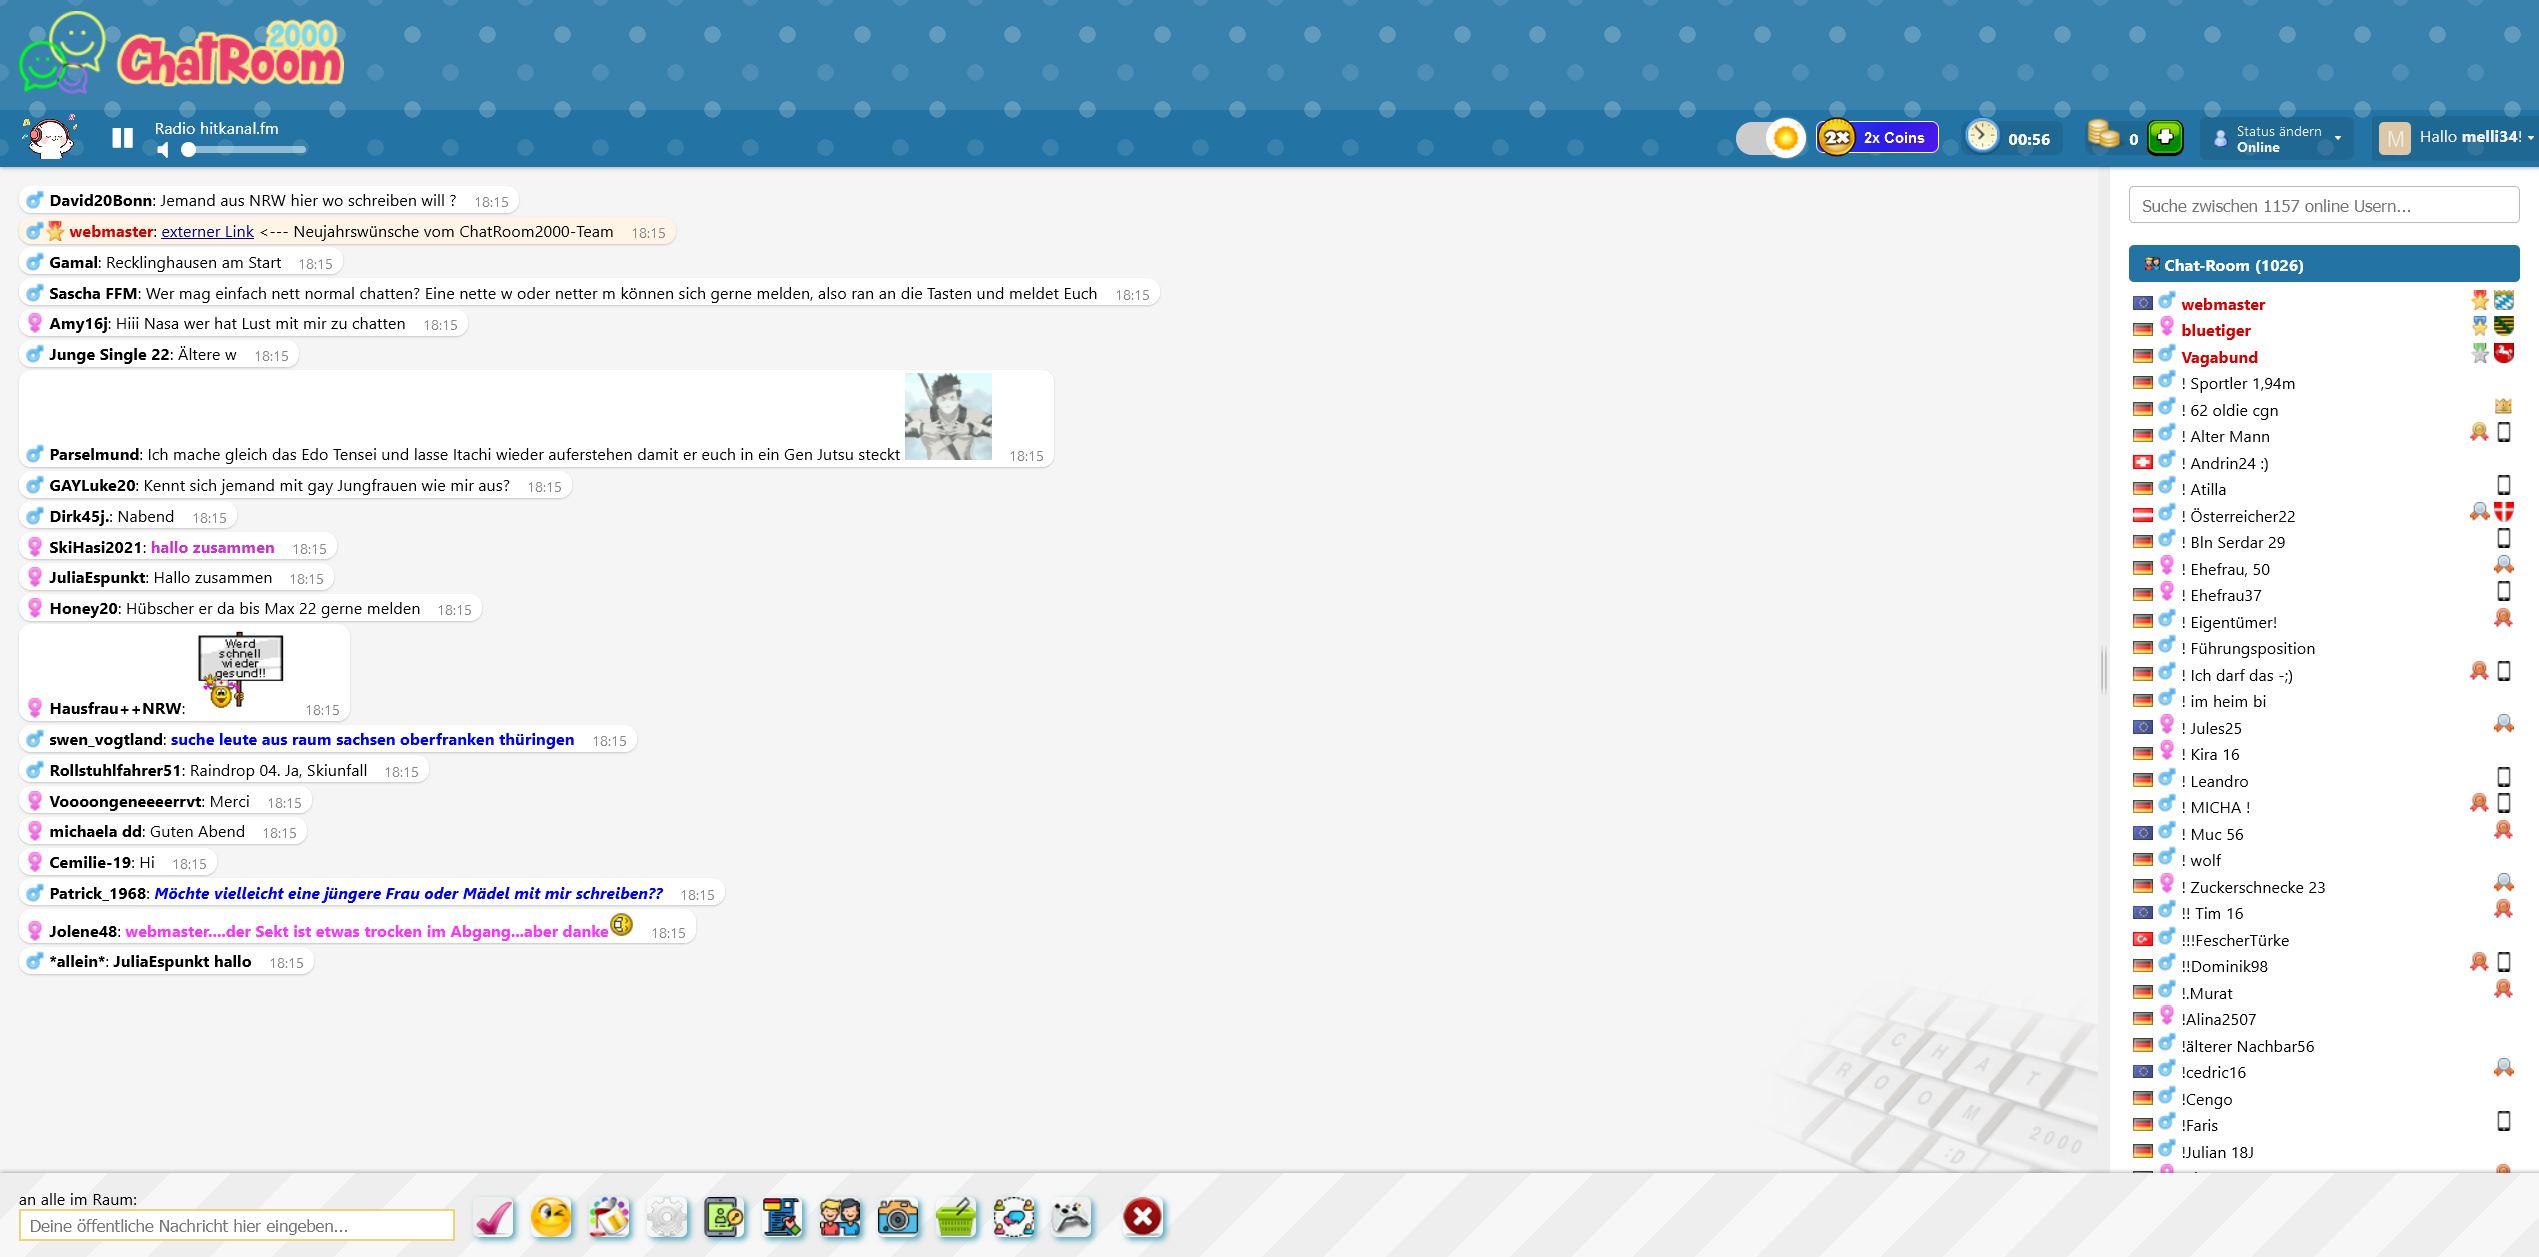 Deutscher Online Chat Chatroom2000